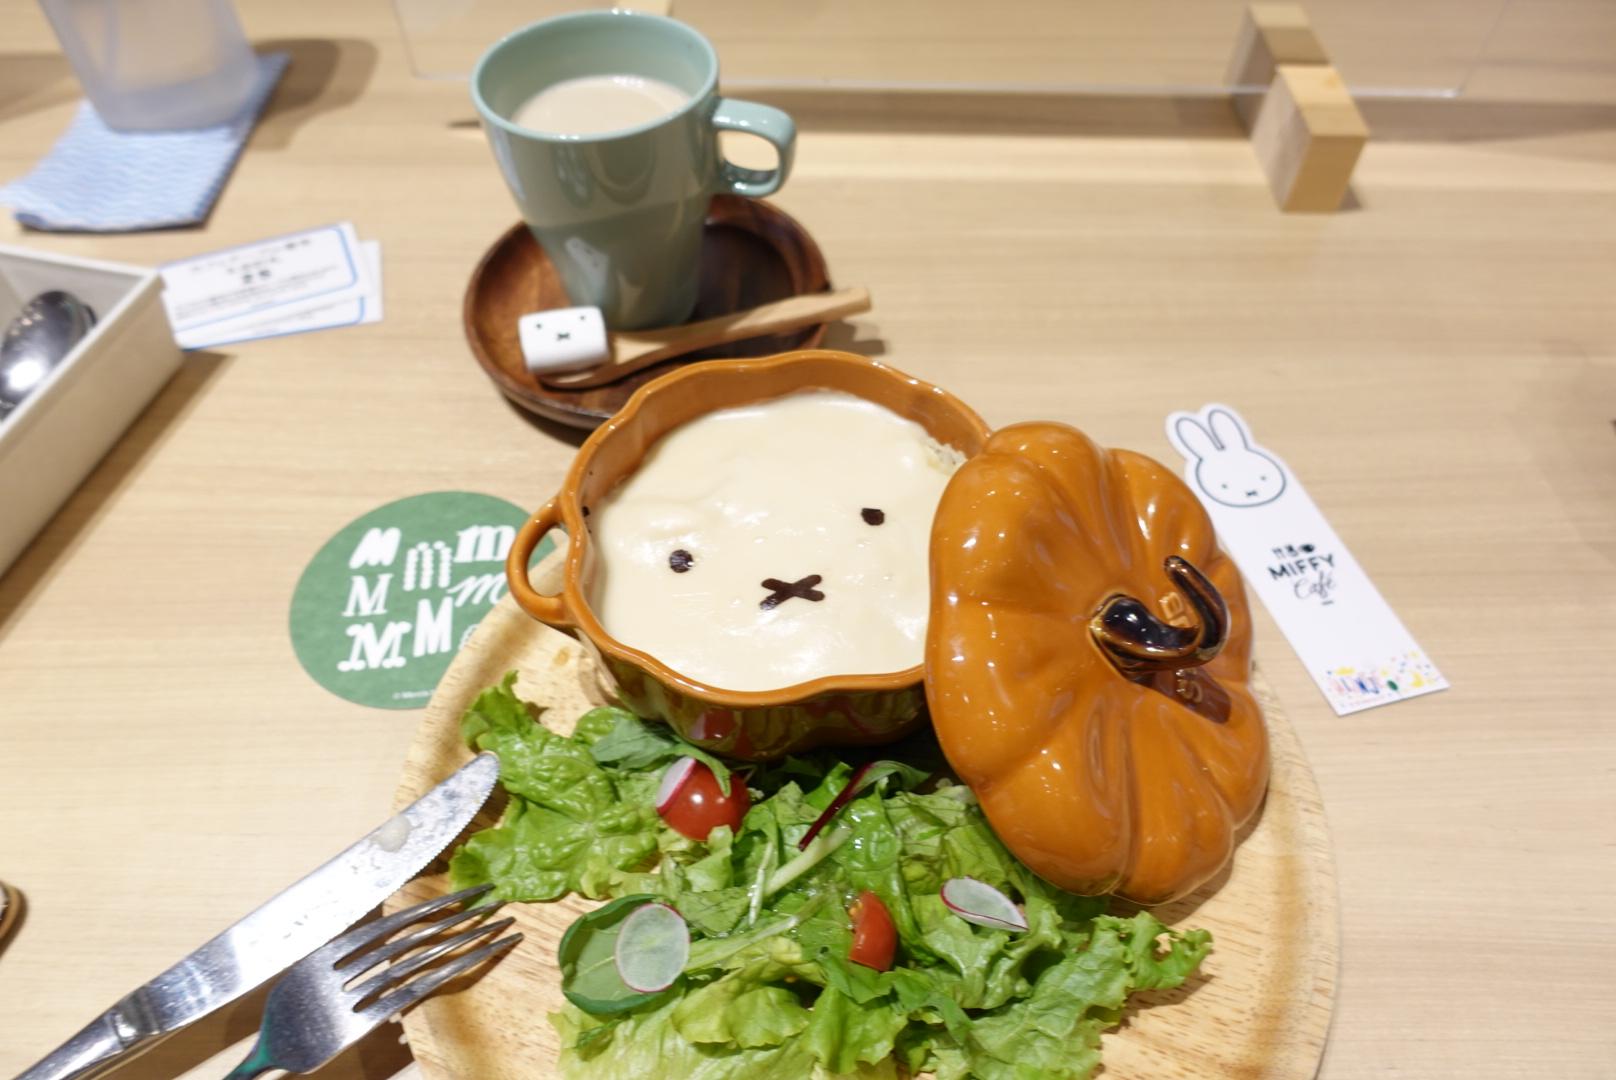 大阪上陸!『MIFFY cafe』ミッフィー65周年を記念してオープン!オランダ料理やグッズが盛りだくさん!かわいすぎるし期間限定なので早く予約してみてね_4